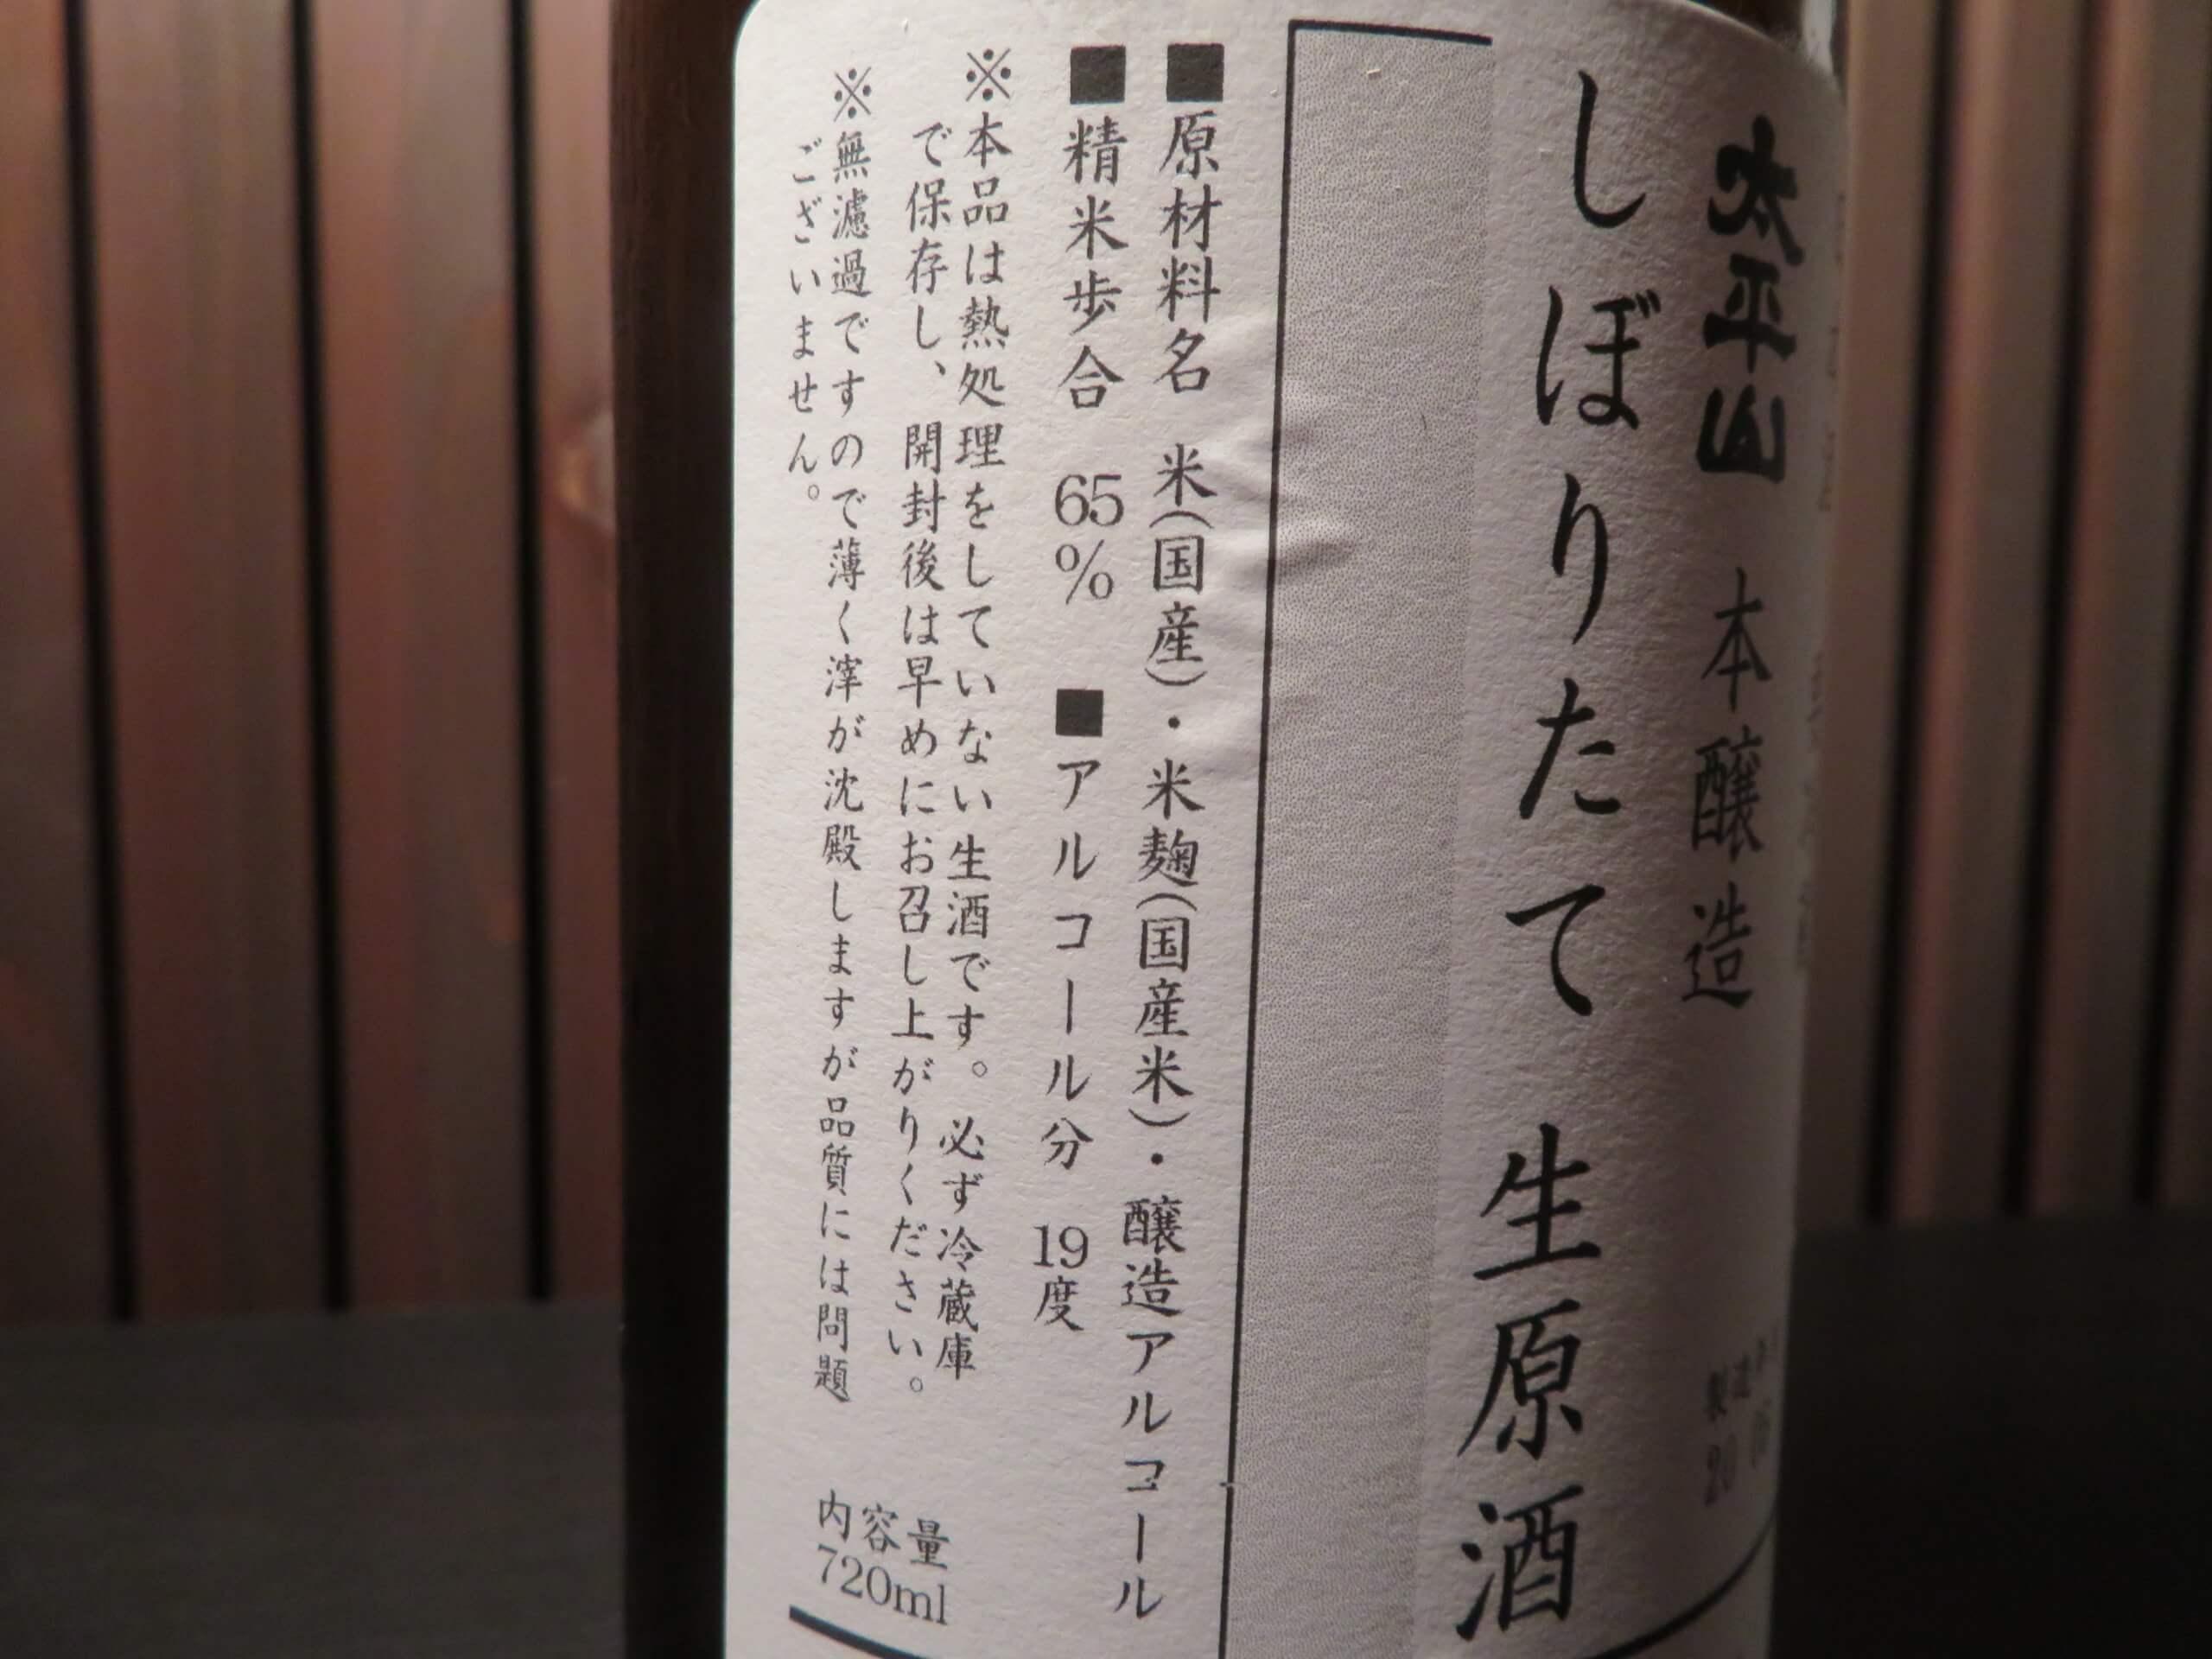 総評:太平山 本醸造 しぼりたて生原酒